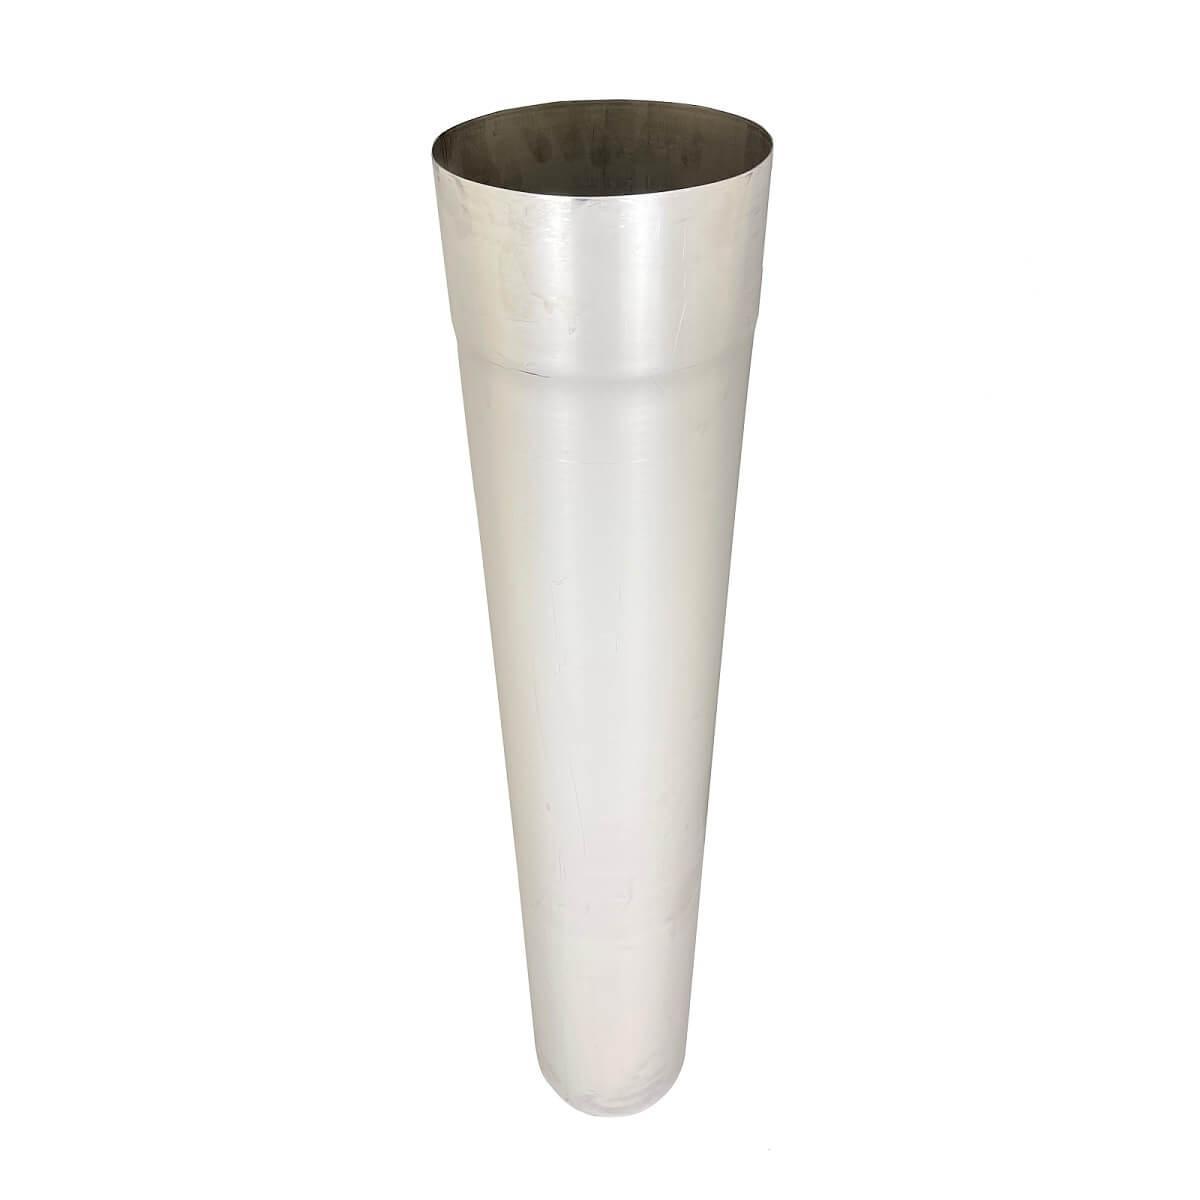 Труба для дымохода L-0,3 м D-300 мм толщина 0,6 мм